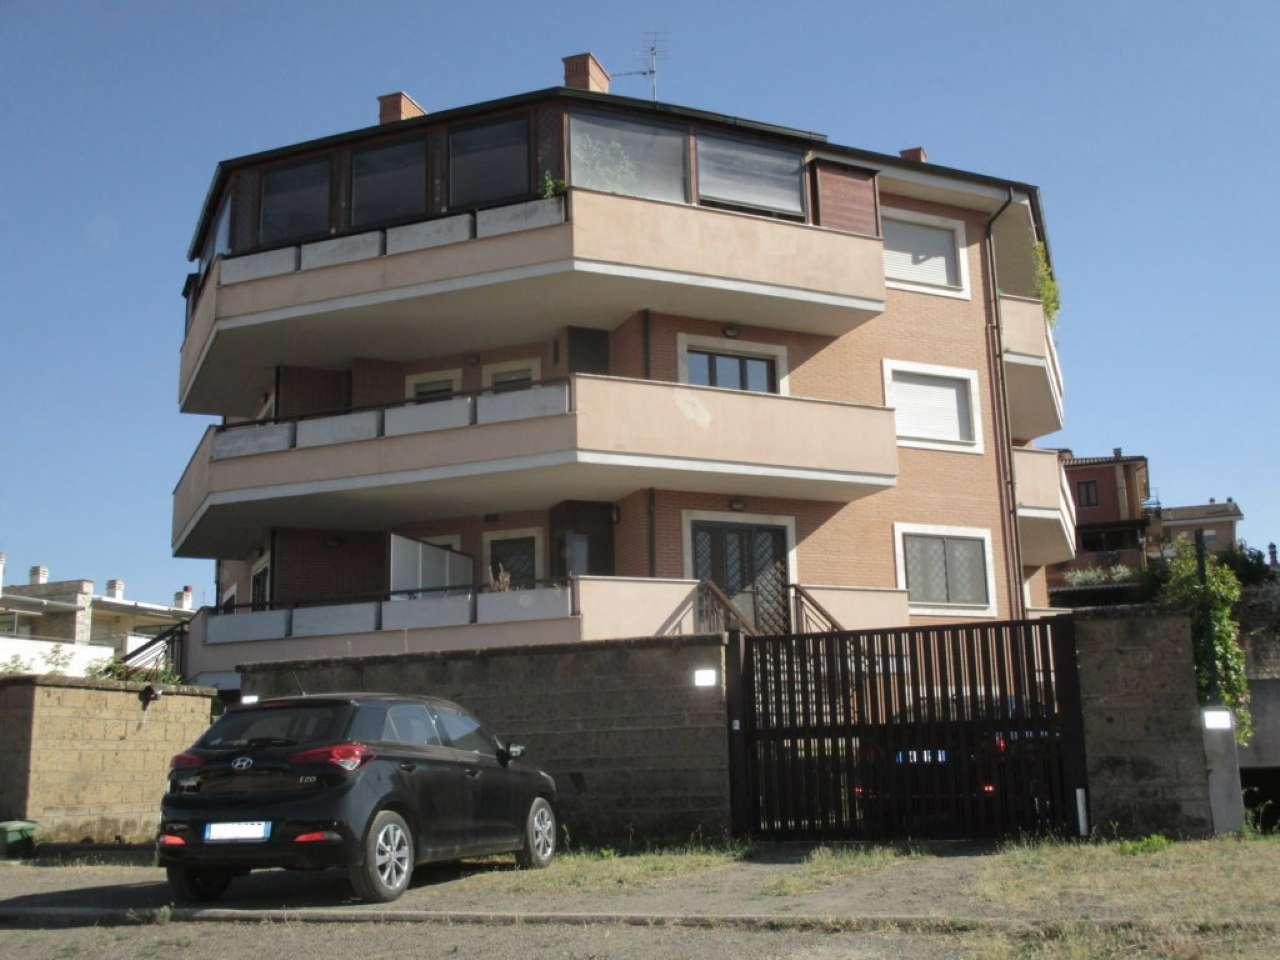 Roma Trigoria via Danilo Gavagnin affittasi appartamento con giardino adatto a studenti universitari